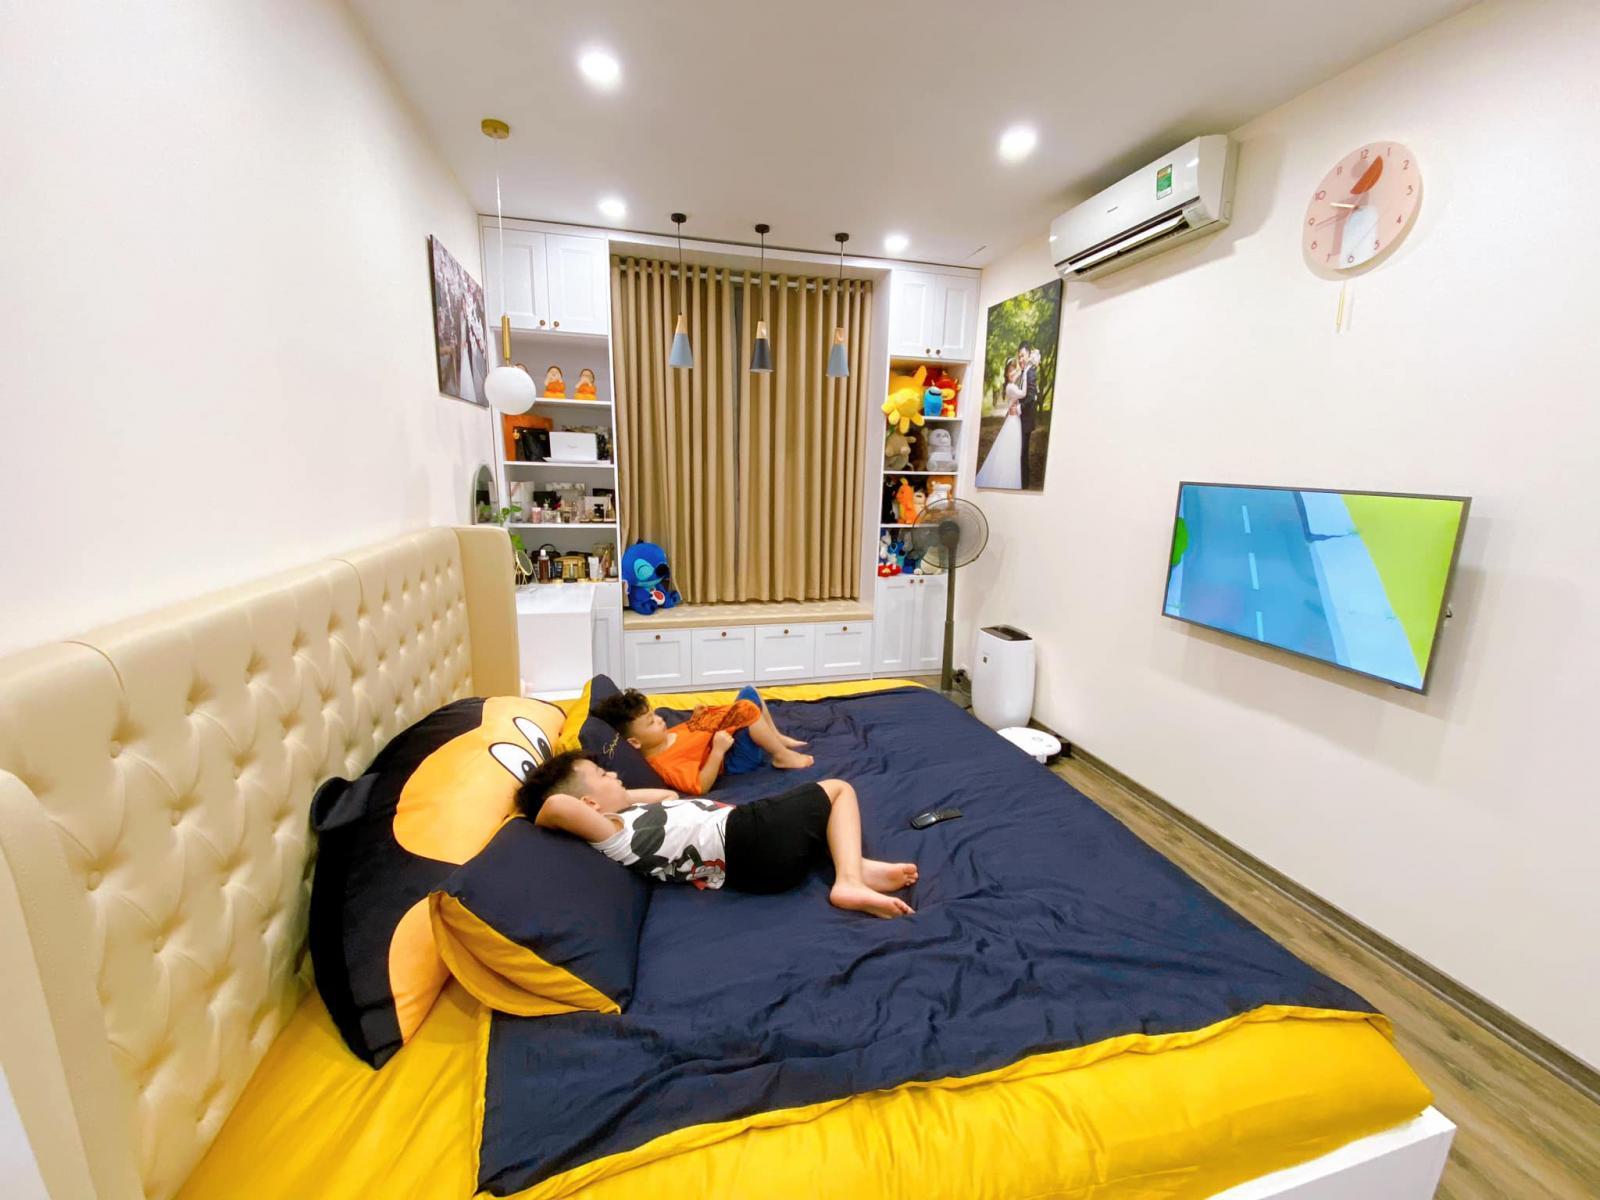 hai đứa bé nằm trên giường xem tivi